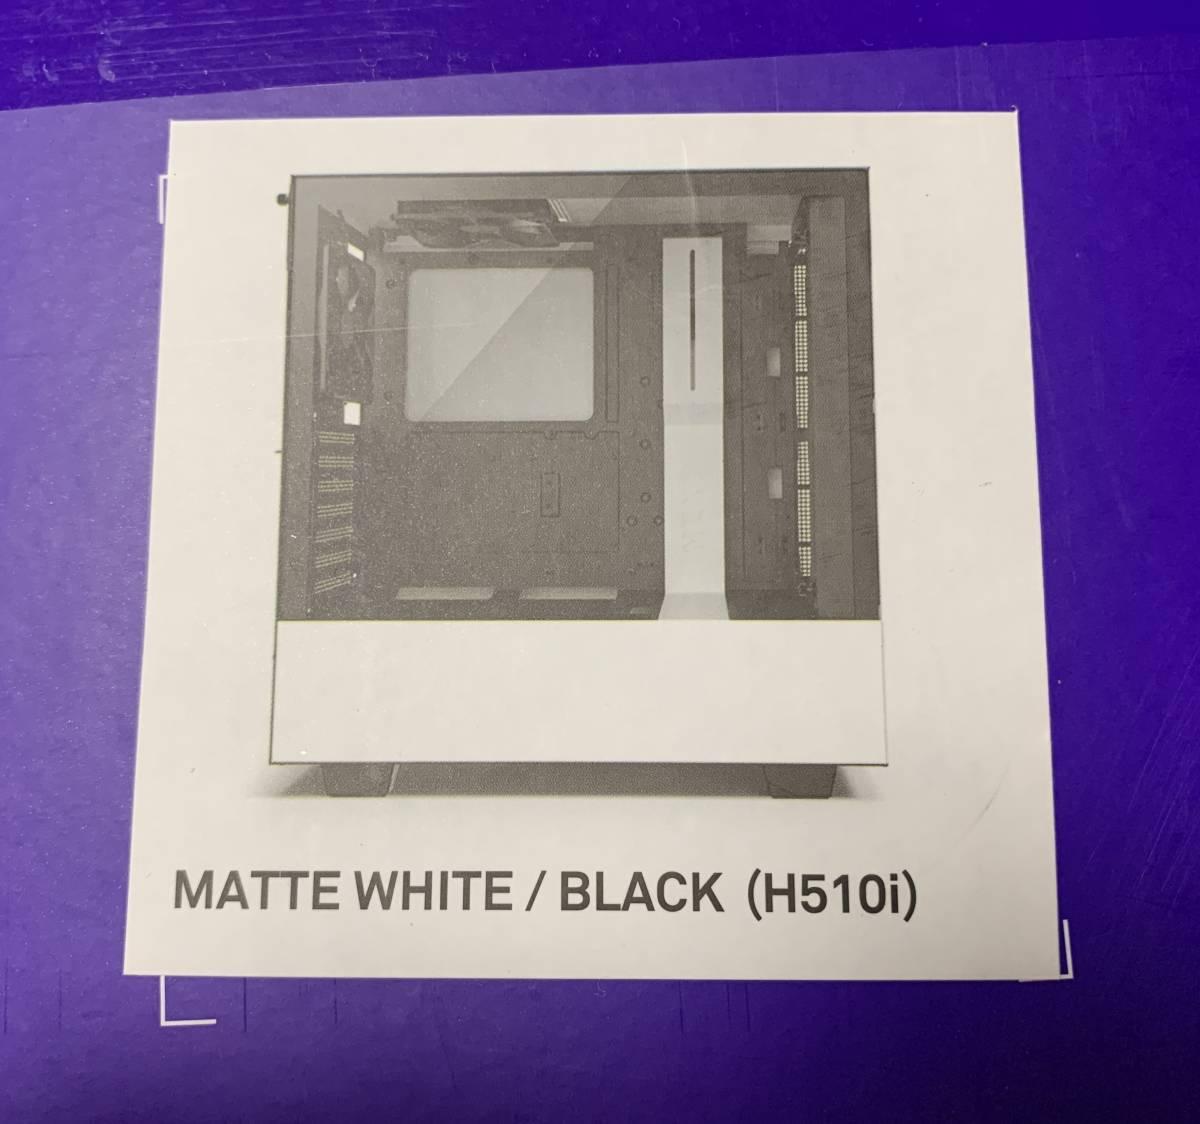 【新品】NZXT PCケース「H510i / CA-H510I-W1」(白/黒)スマートデバイス搭載モデル Mini-ITX,MicroATX,ATX_画像2